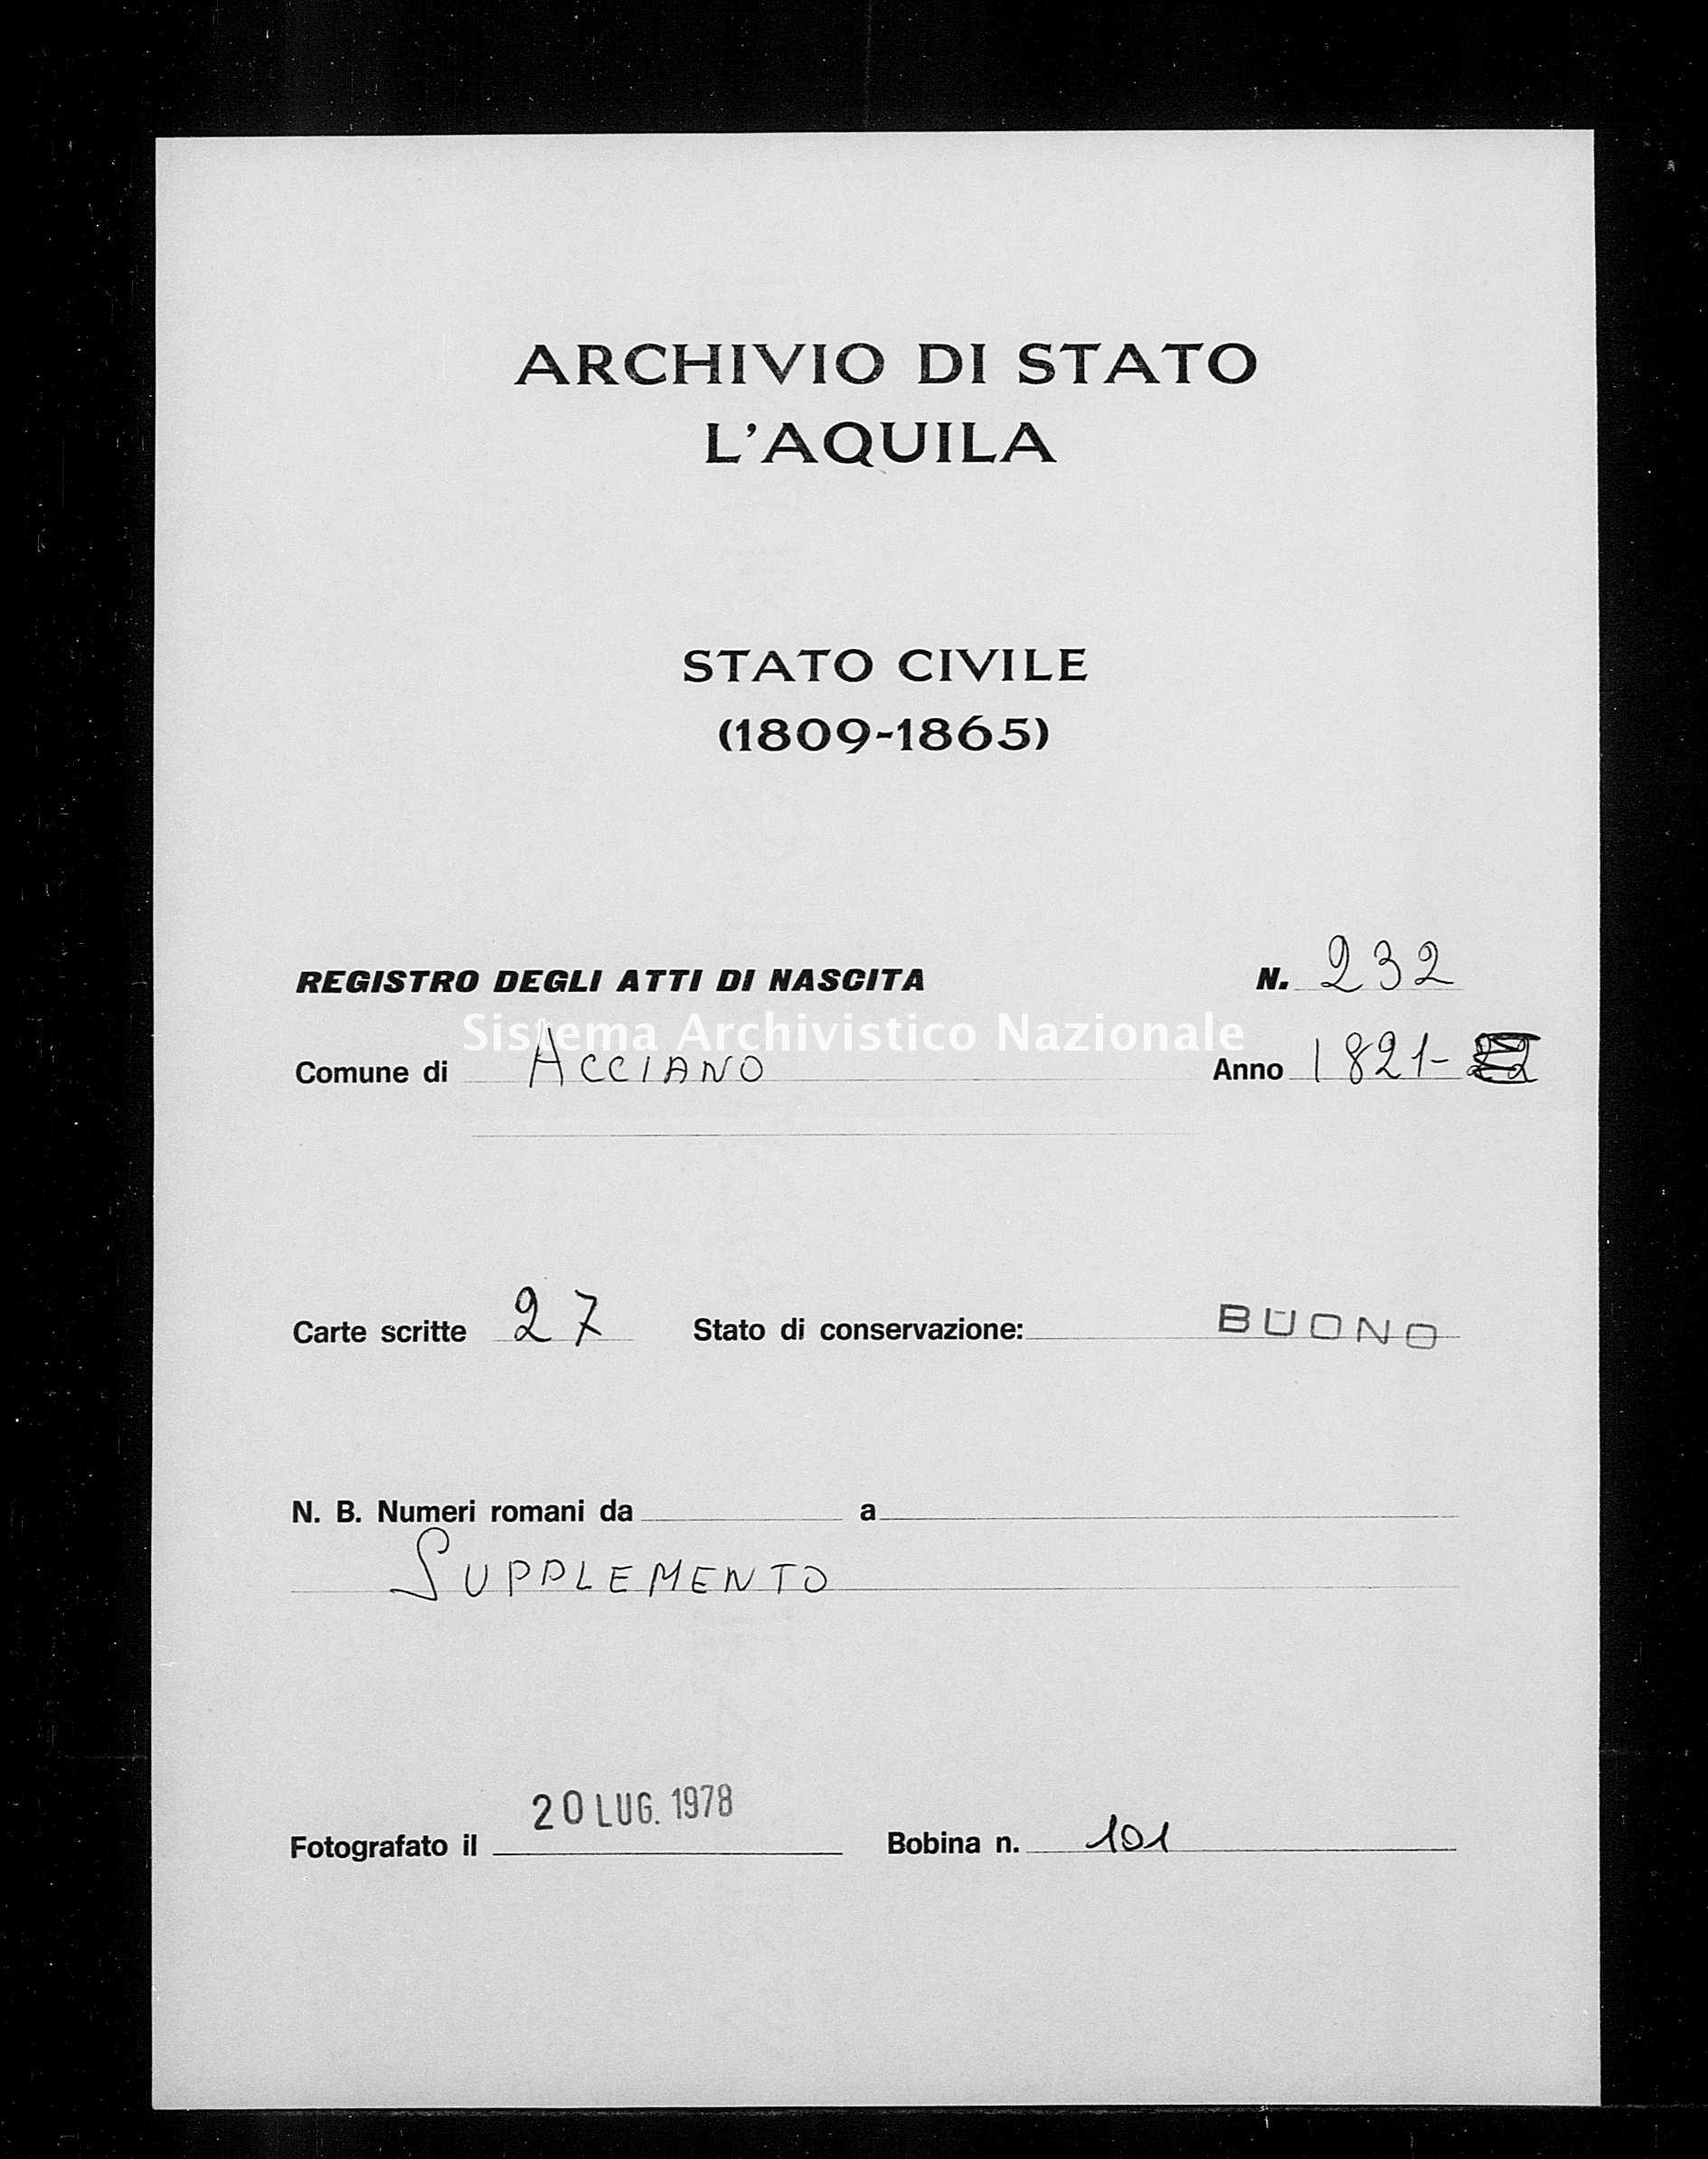 Archivio di stato di L'aquila - Stato civile della restaurazione - Acciano - Nati, battesimi - 1821 - 232 -